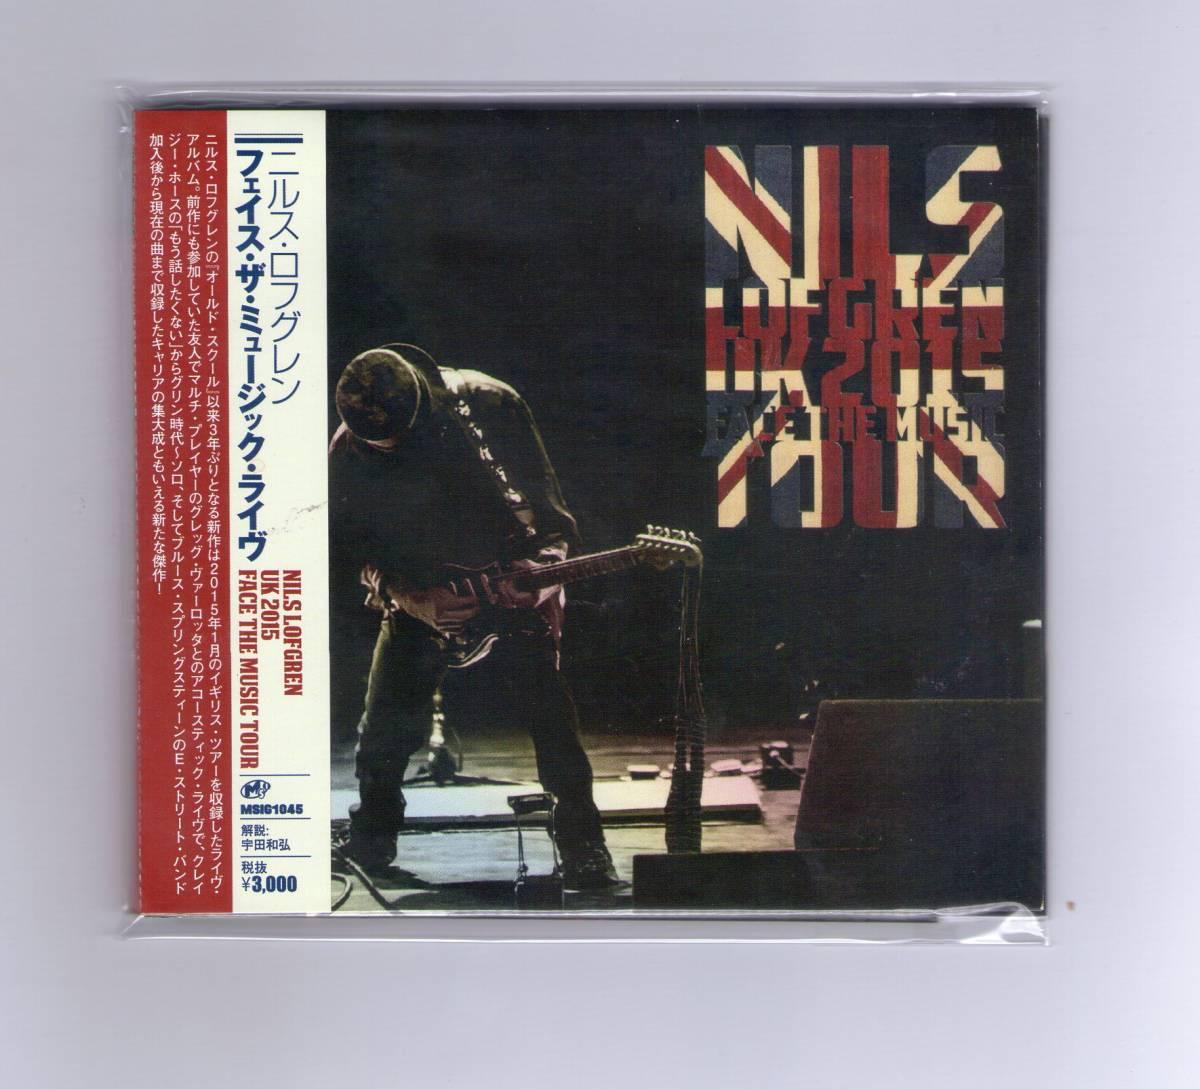 ニルス・ロフグレン nils lofdgren /フェイス・ザ・ミュージック・ライヴ 解説付 1900円即決!_画像1